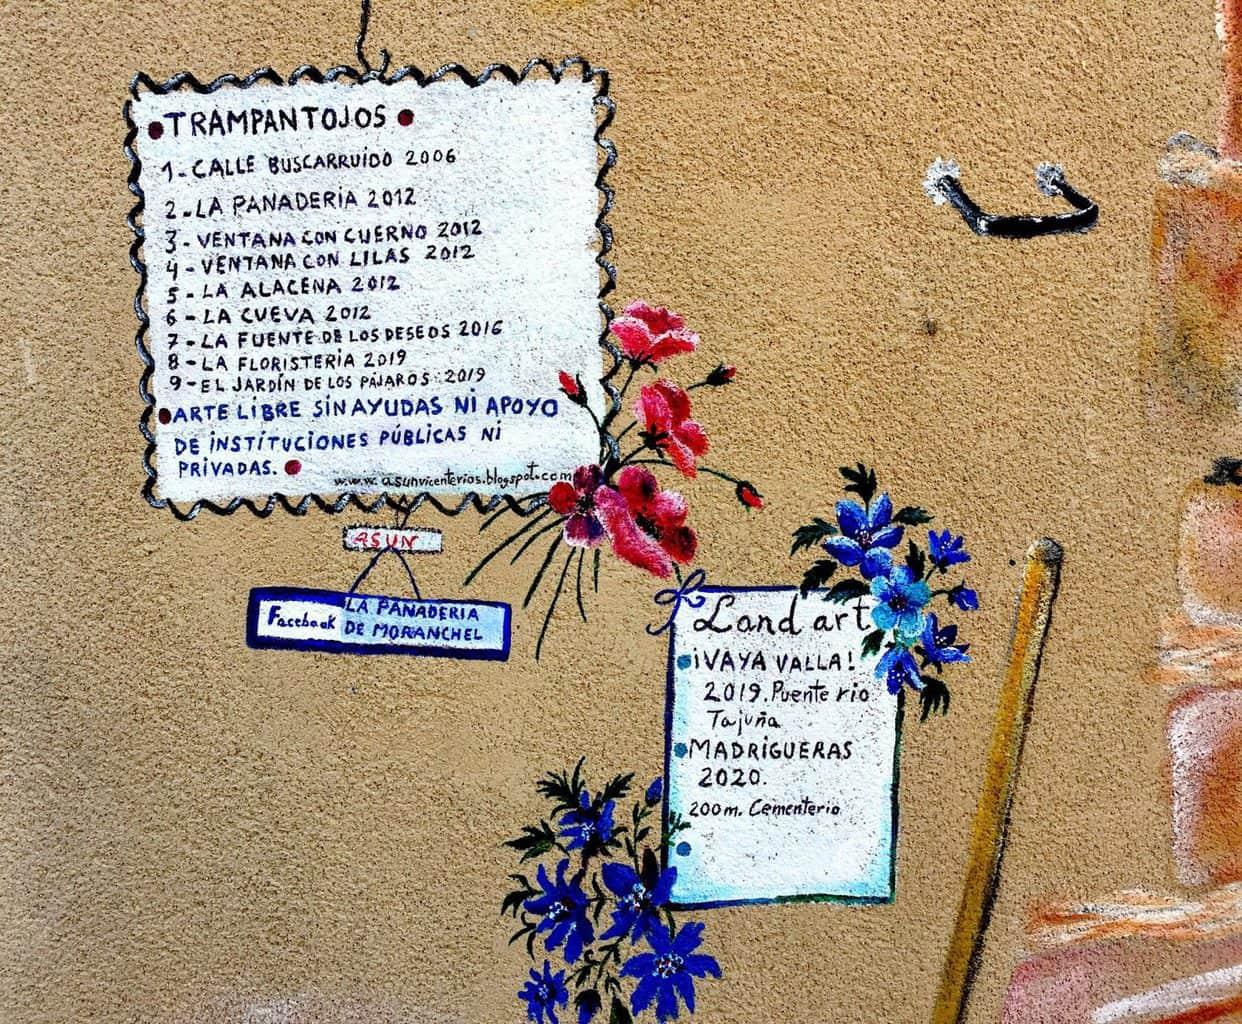 Arte urbano y Land Art en Moranchel, noviembre 2020